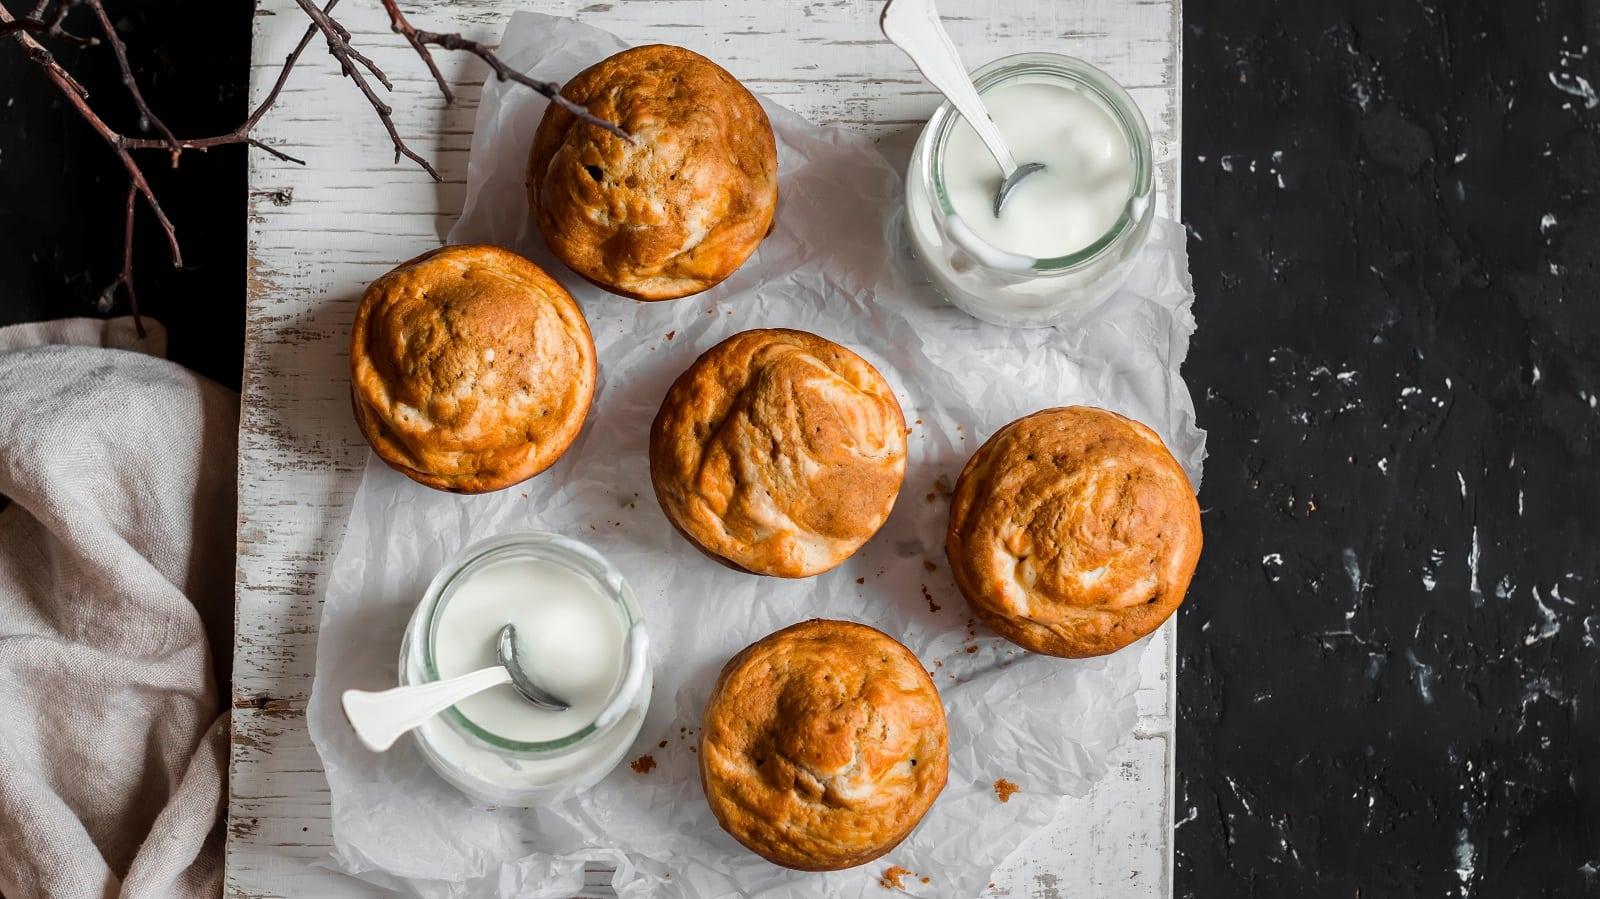 Fünf Kürbis-Frischkäse-Muffins auf einem weißen Backpapier zusammen mit zwei Gläsern Frischkäse angeordnet, vor einem schwar-weißen Hintergrund, von oben.